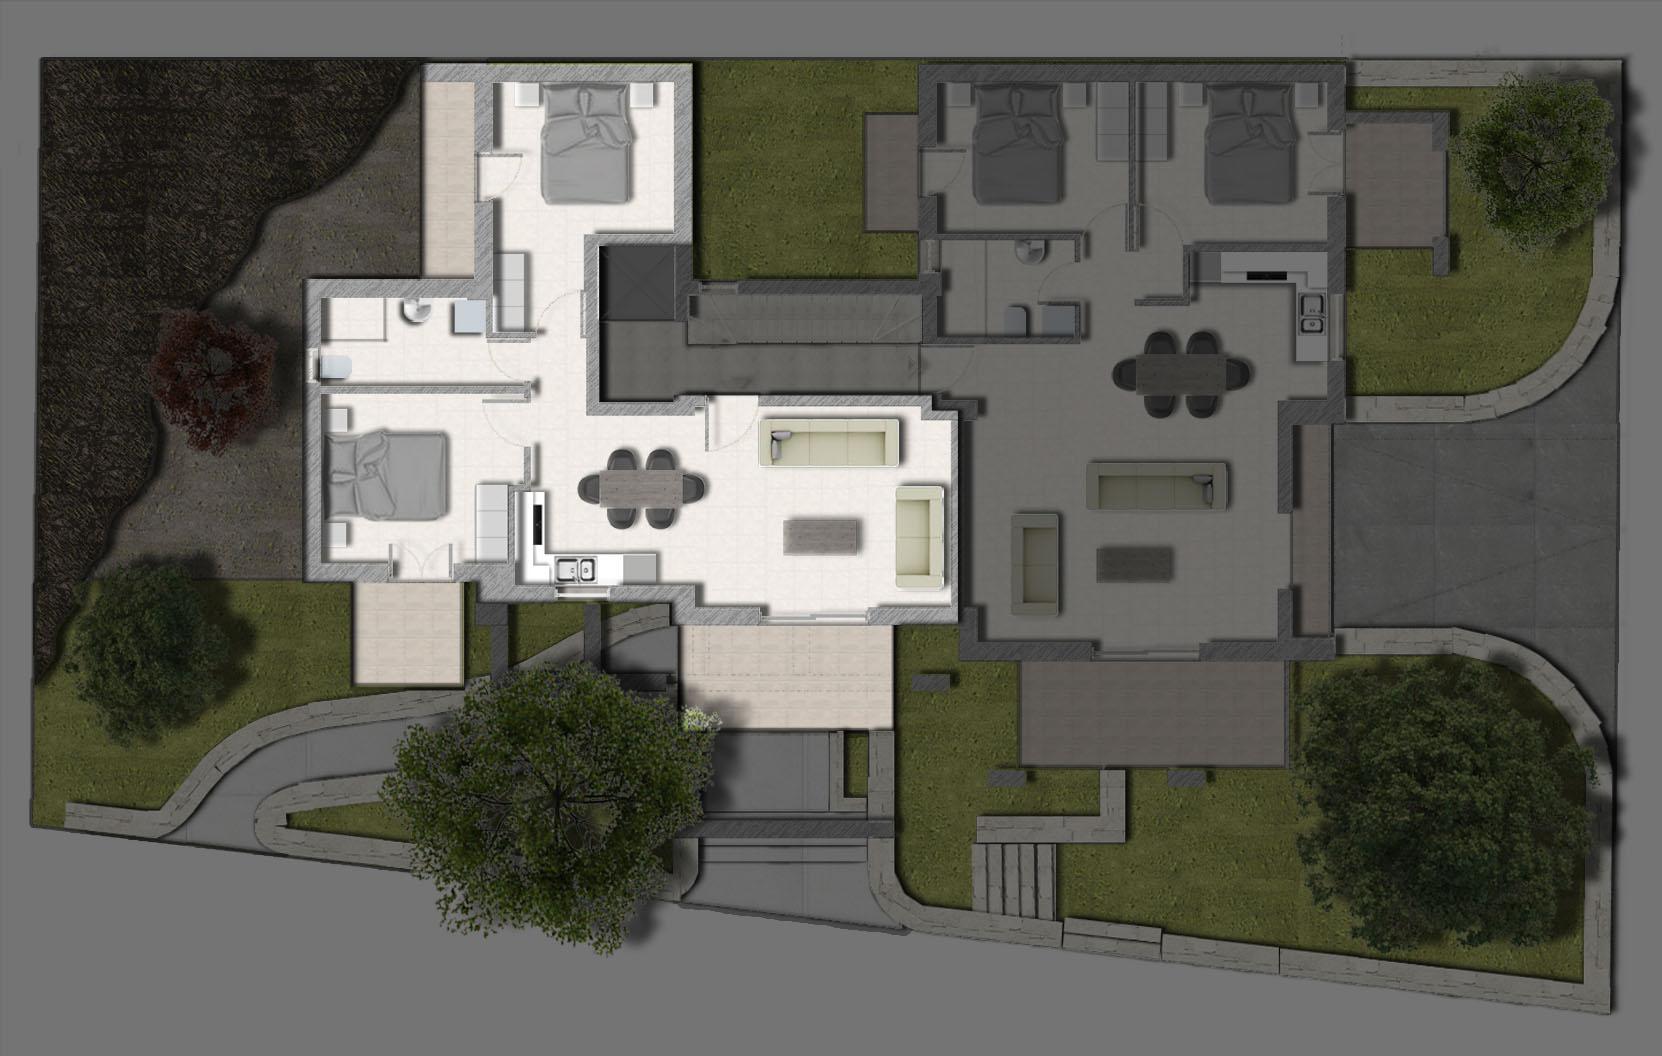 κάτοψη πρώτου ορόφου διαμέρισμα Ρέθυμνο